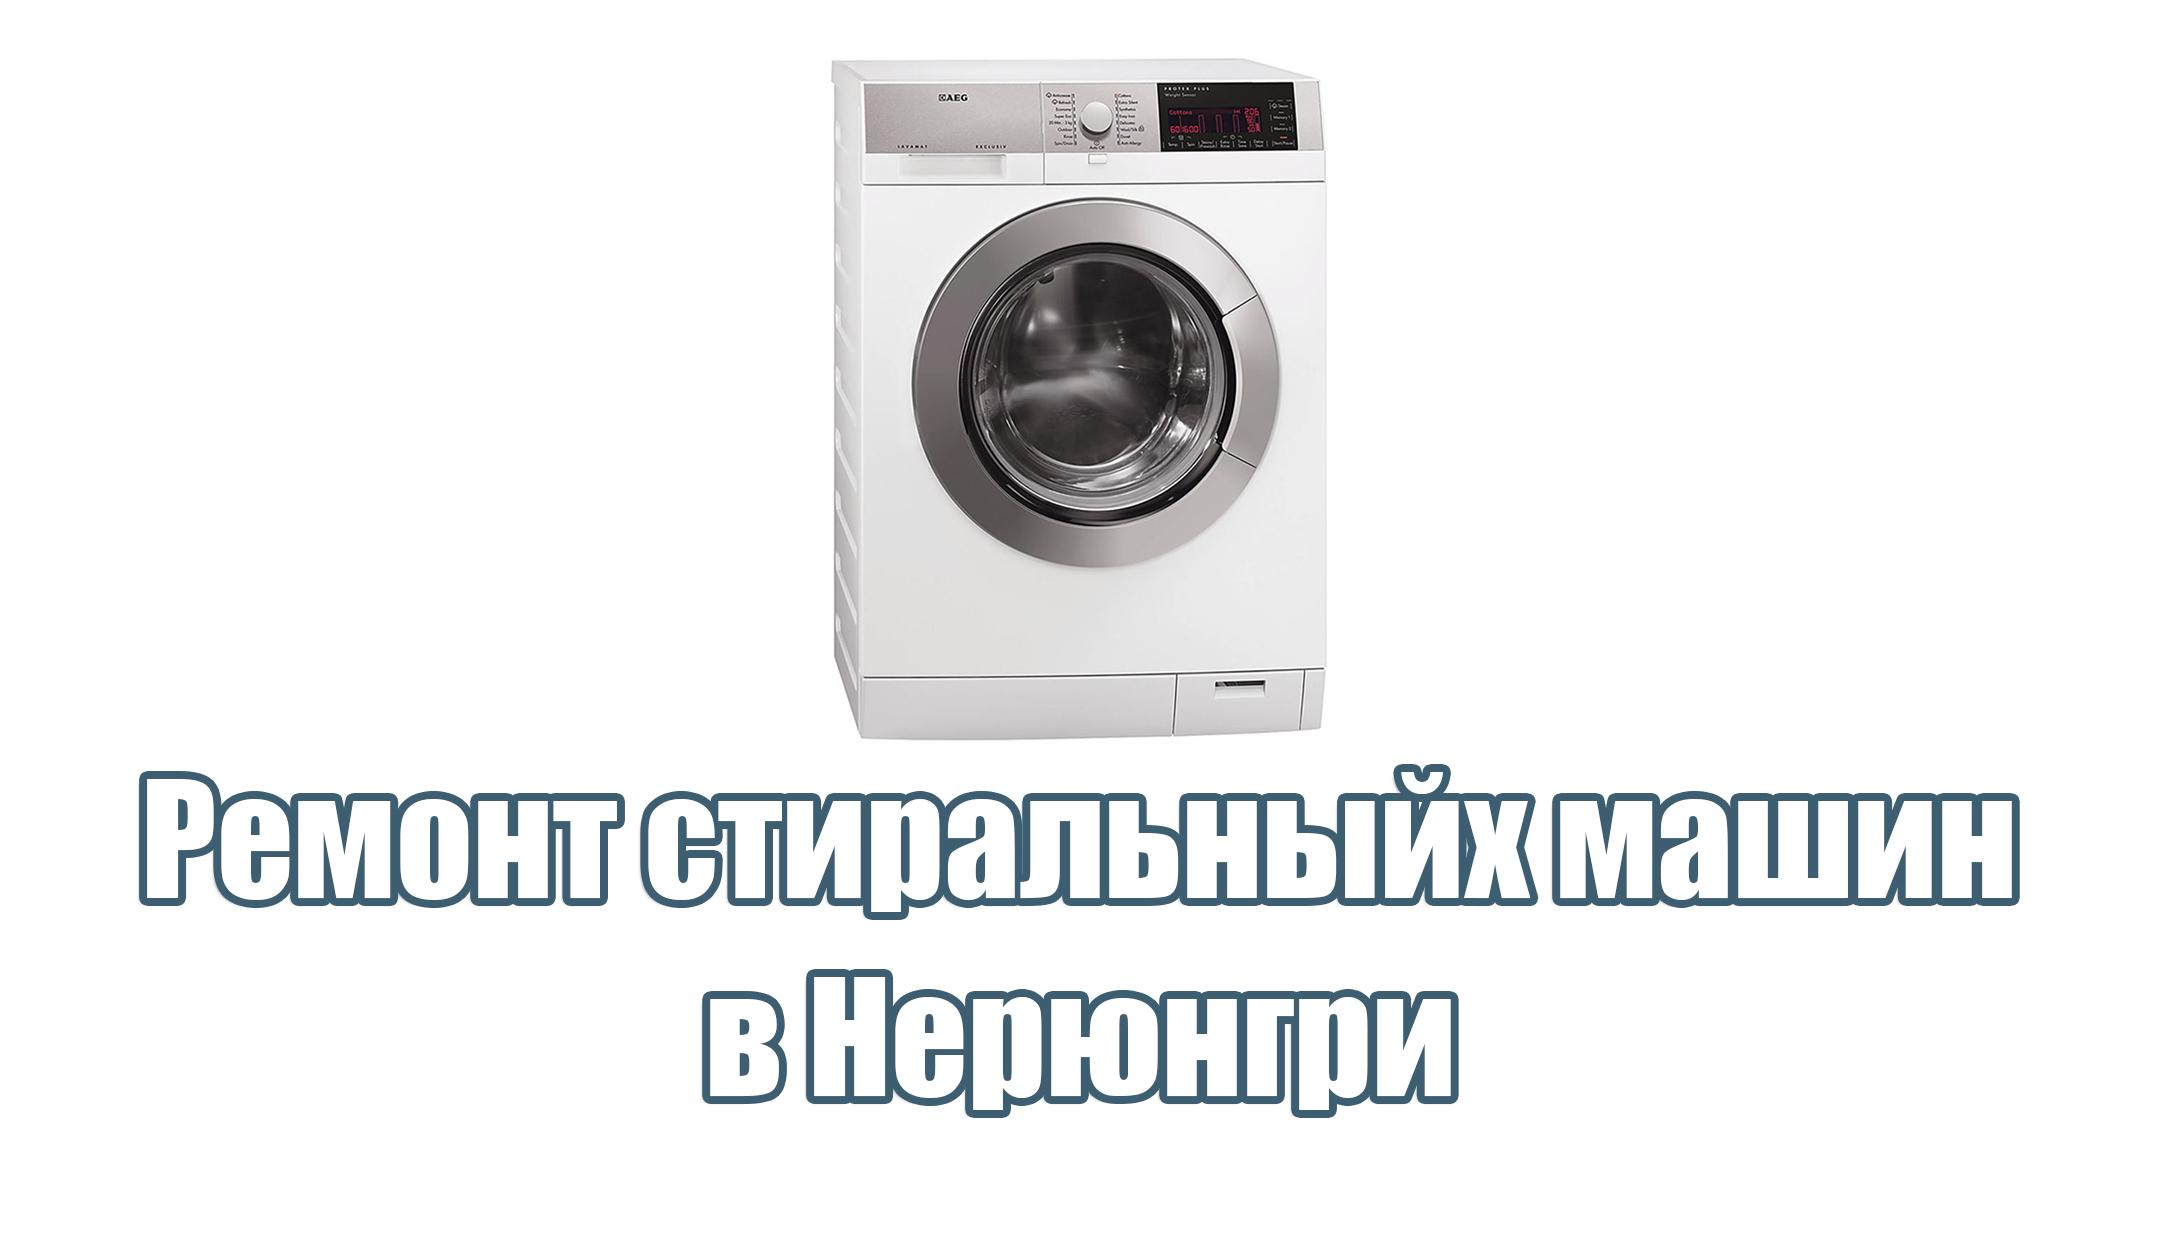 Ремонт стиральных машин в Нерюнгри